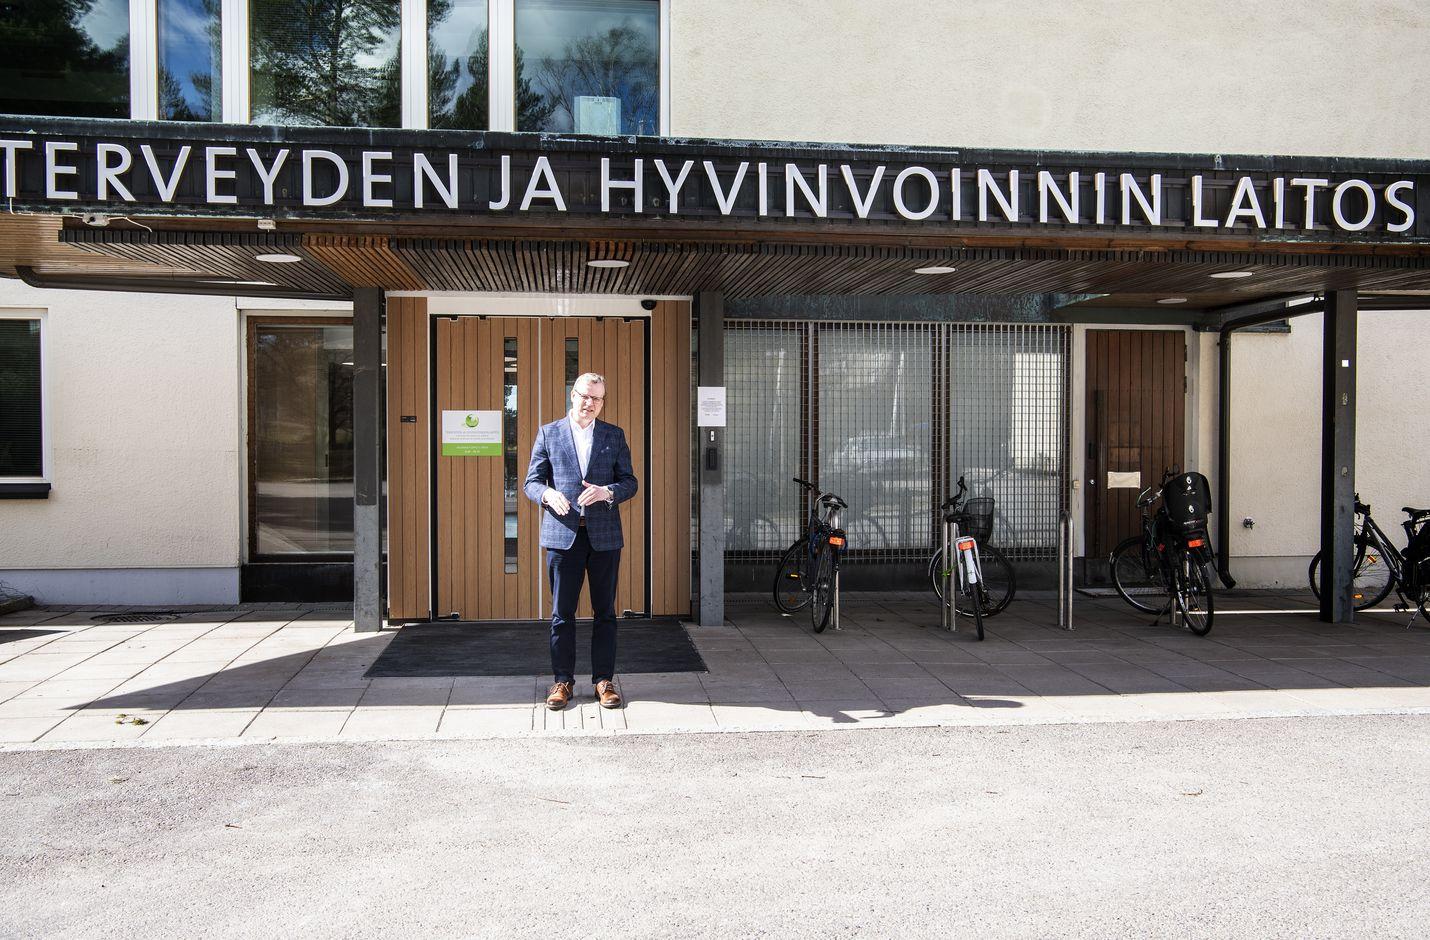 Markku Tervahaudan johtama THL on asiantuntijoineen ollut olennainen osa hyvin sujunutta koronaviruksen torjuntaa. Vielä ei ole kuitenkaan aika julistaa epidemiaa päättyneeksi Suomessa koronan yleisvaarallisuusaseman poistolla.